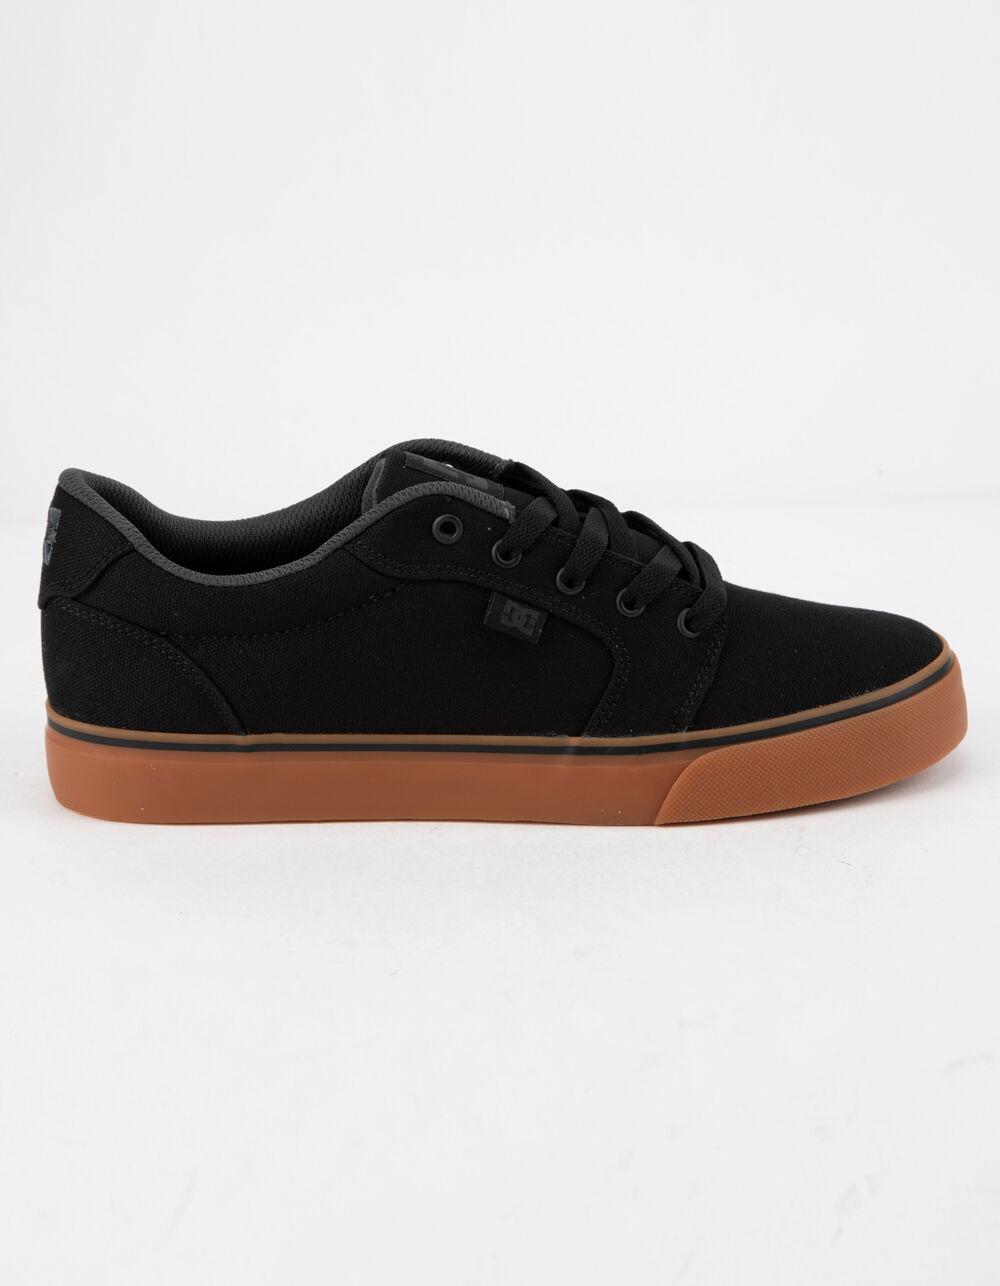 DC SHOES Anvil TX Black & Gum Shoes